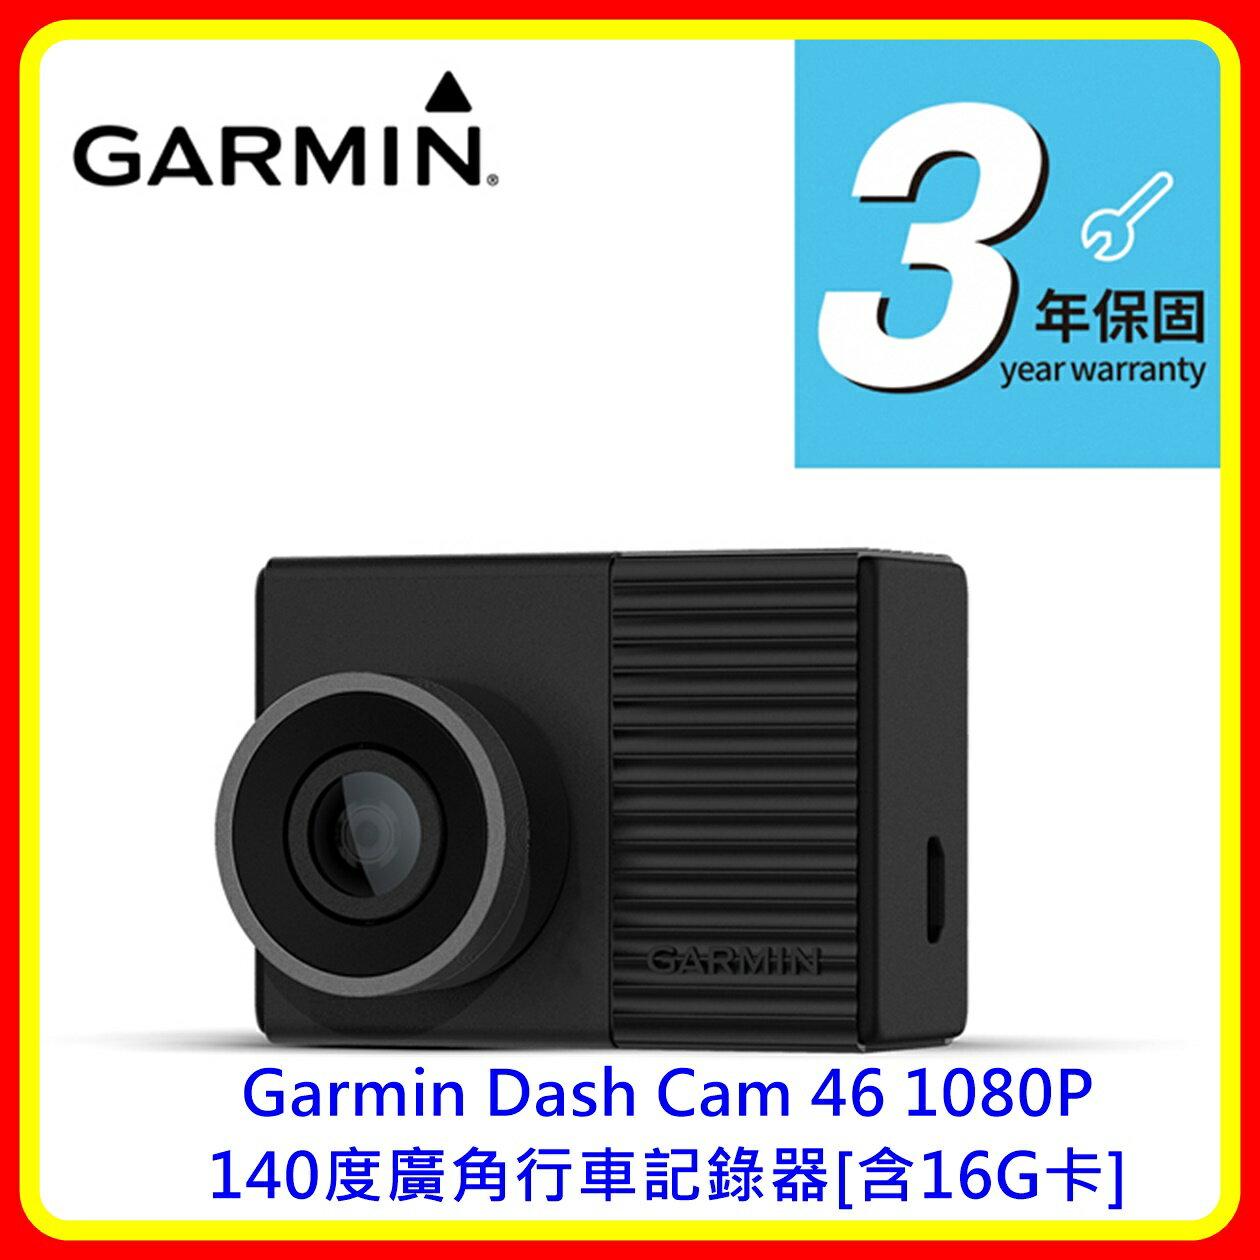 【現貨 含稅】Garmin Dash Cam 46 1080P 140度廣角行車記錄器[含16G卡]台灣公司貨